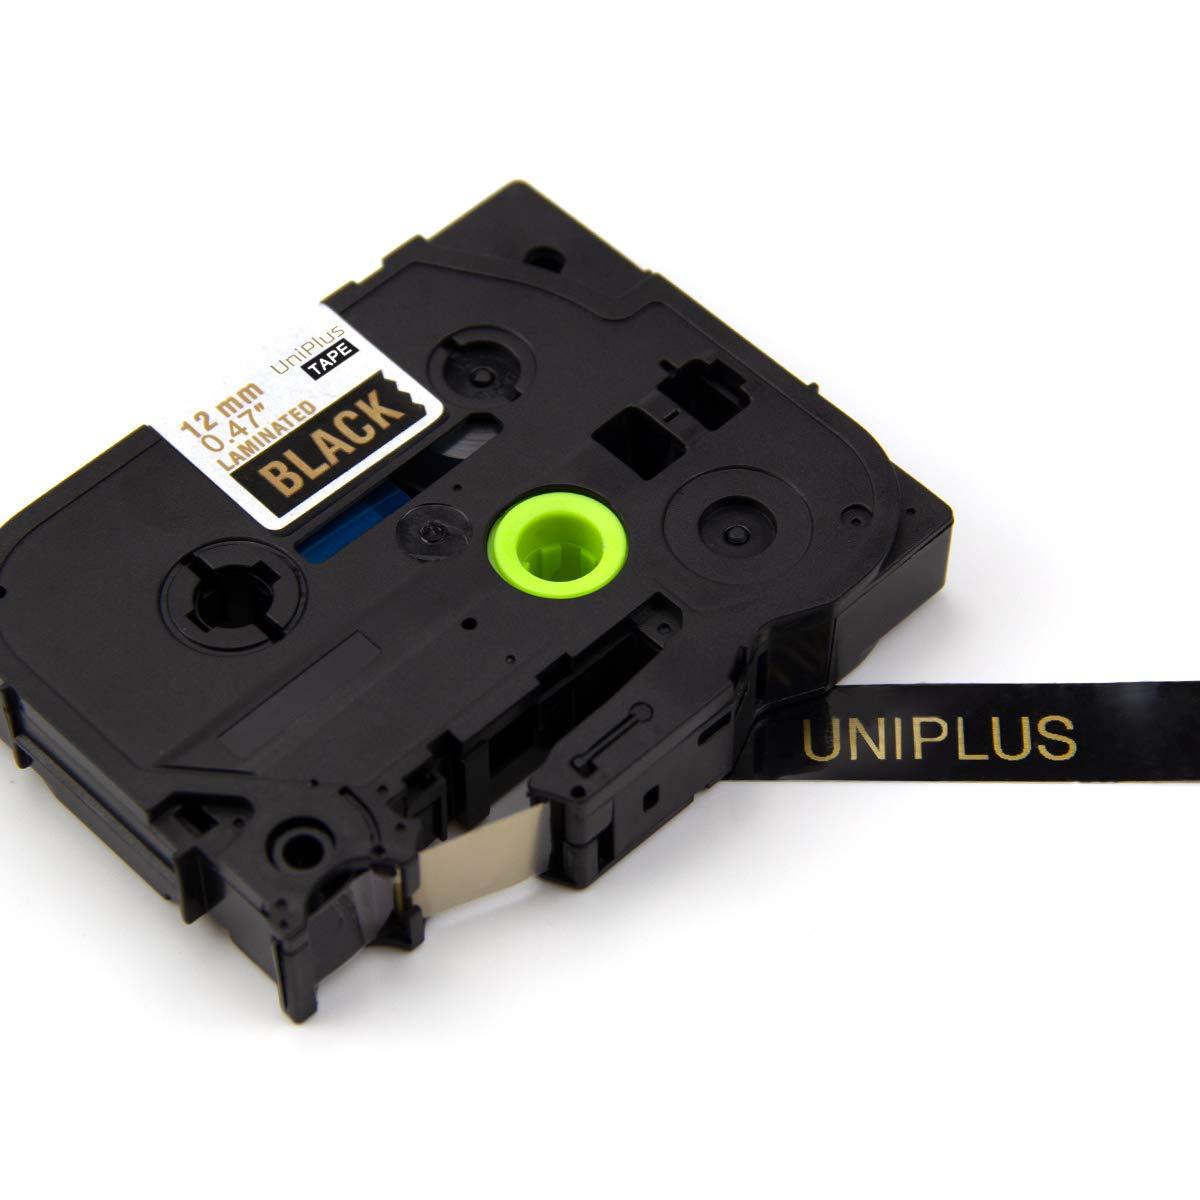 12mm x 8m UniPlus 4x Tze-334 Tze334 Tze Tape Oro su Nero Laminato Nastro Cassette Etichette Compatibile per Brother P-Touch Cube PT 1000 1010 H1005 H100LB H101C H105 H107 P700 E100 D600VP H75 D400